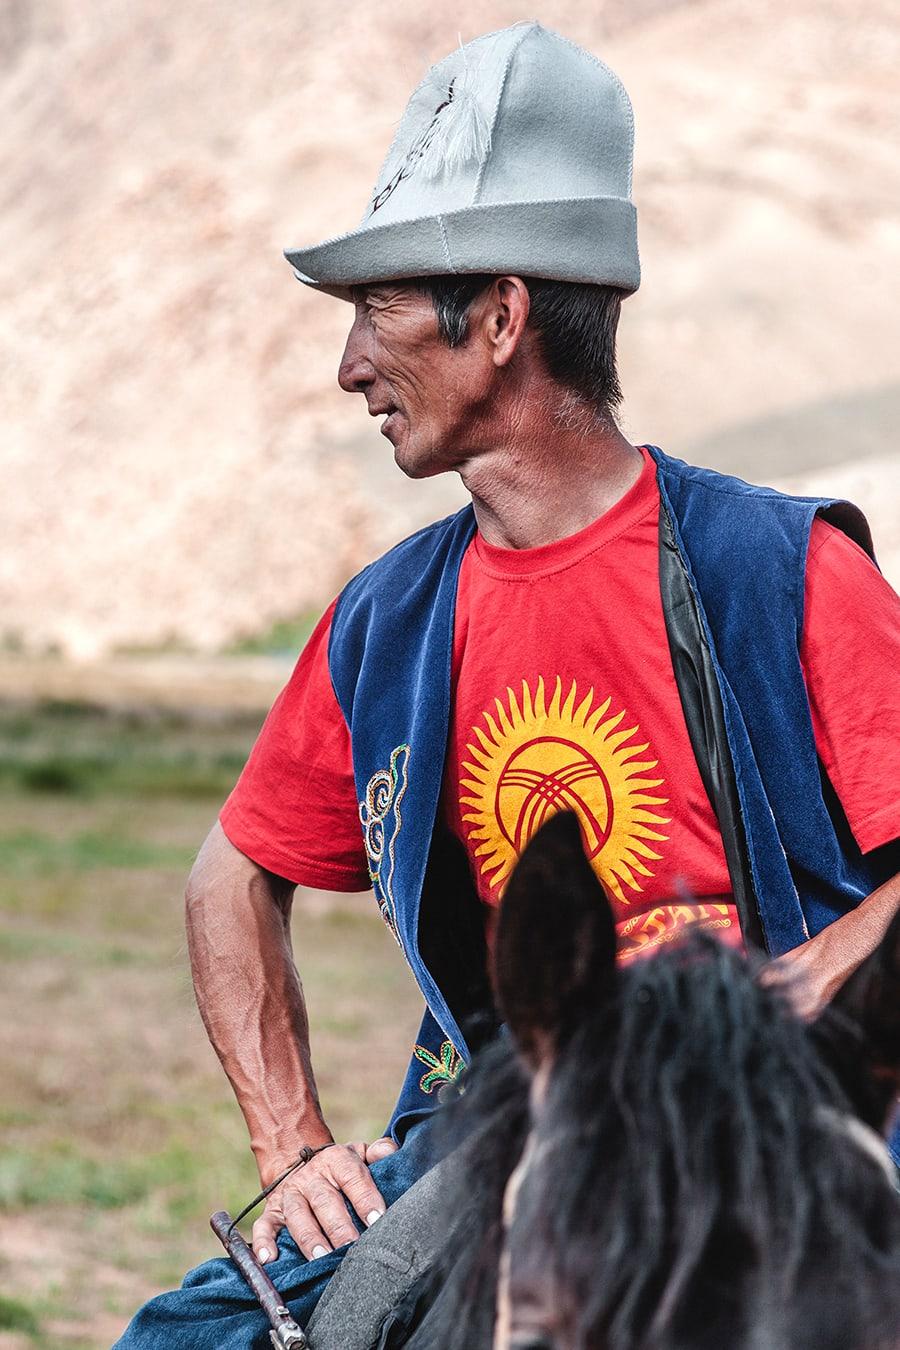 Buzkashi or Ulak Tartysh match participant in Kyrgyzstan.